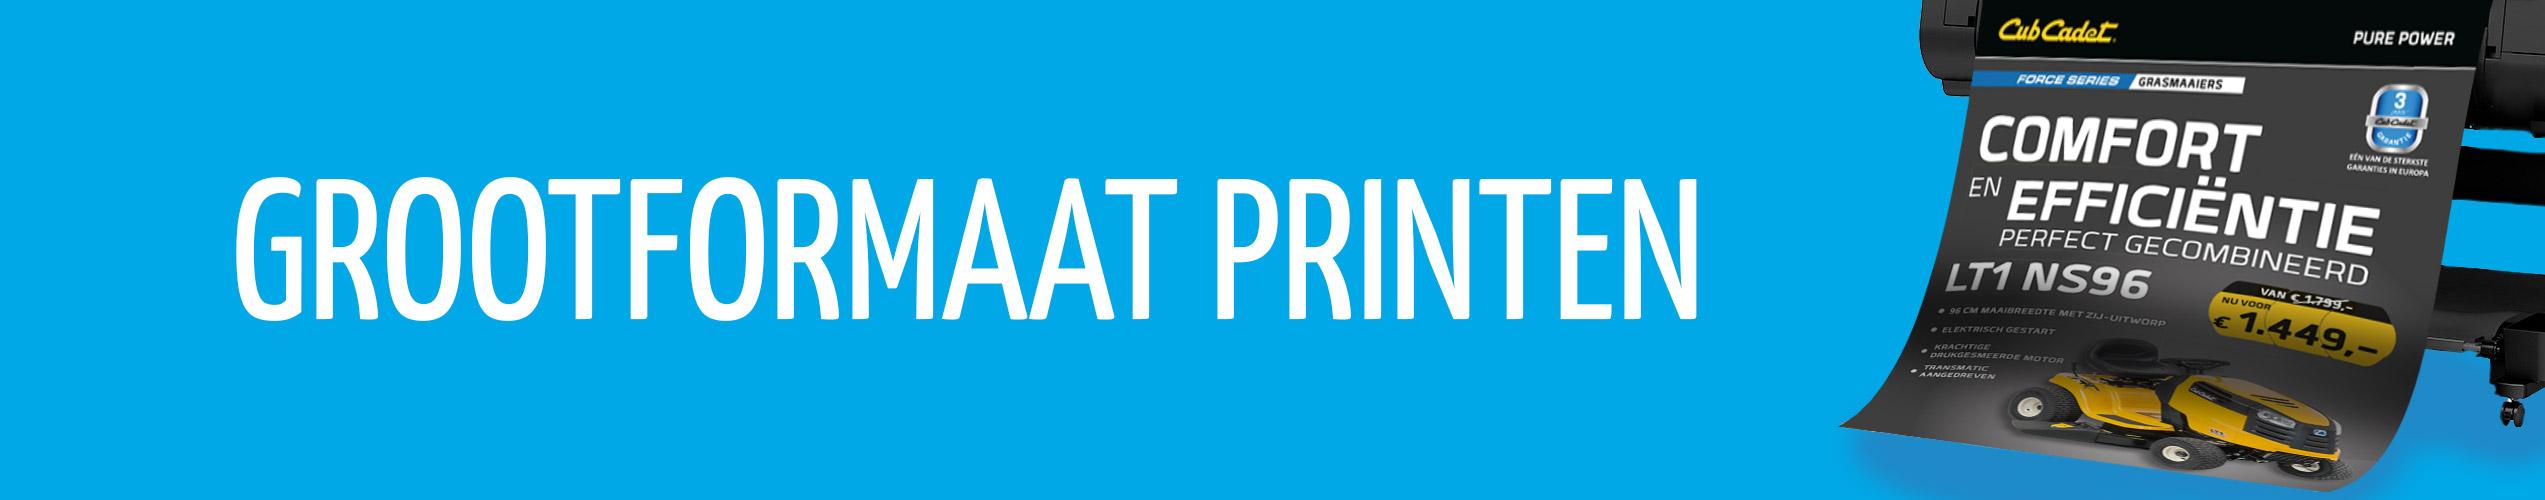 Grootformaat printen